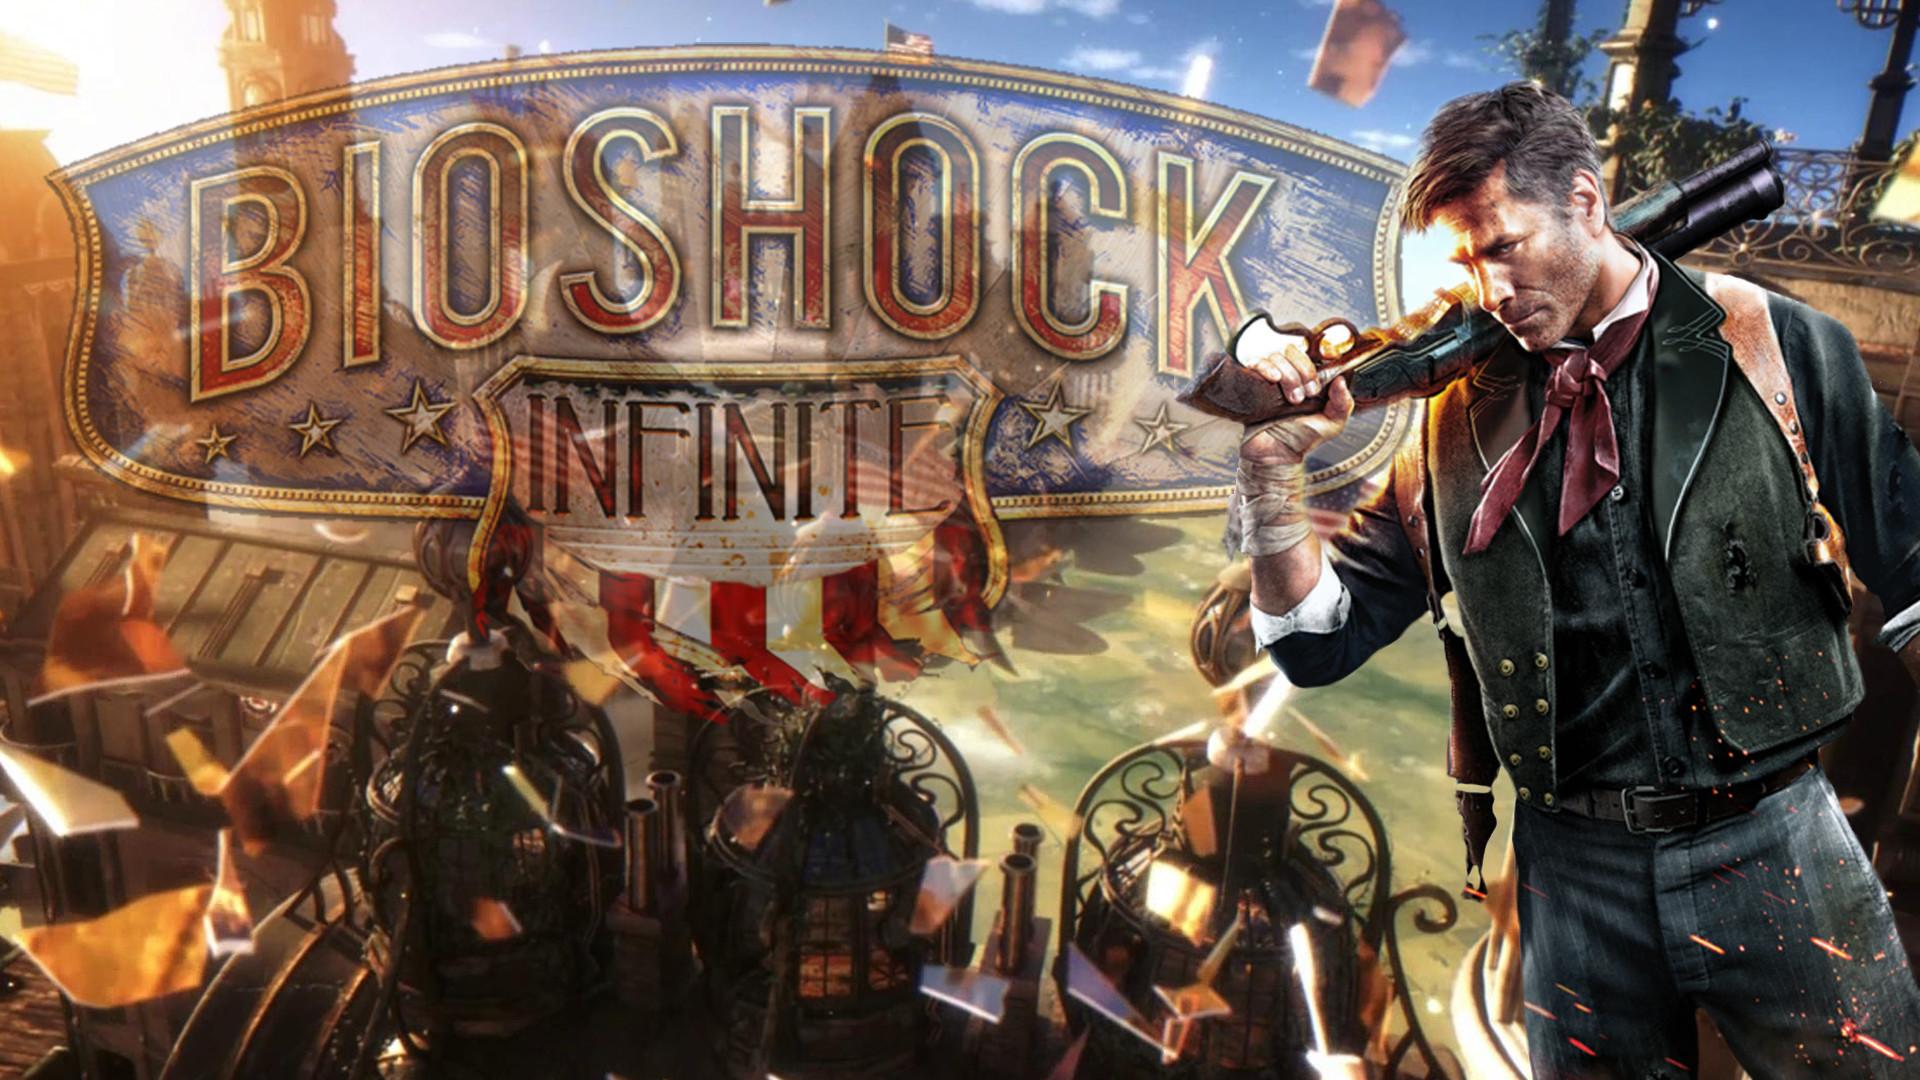 BioShock Infinite Wallpaper by RazaK335 on DeviantArt